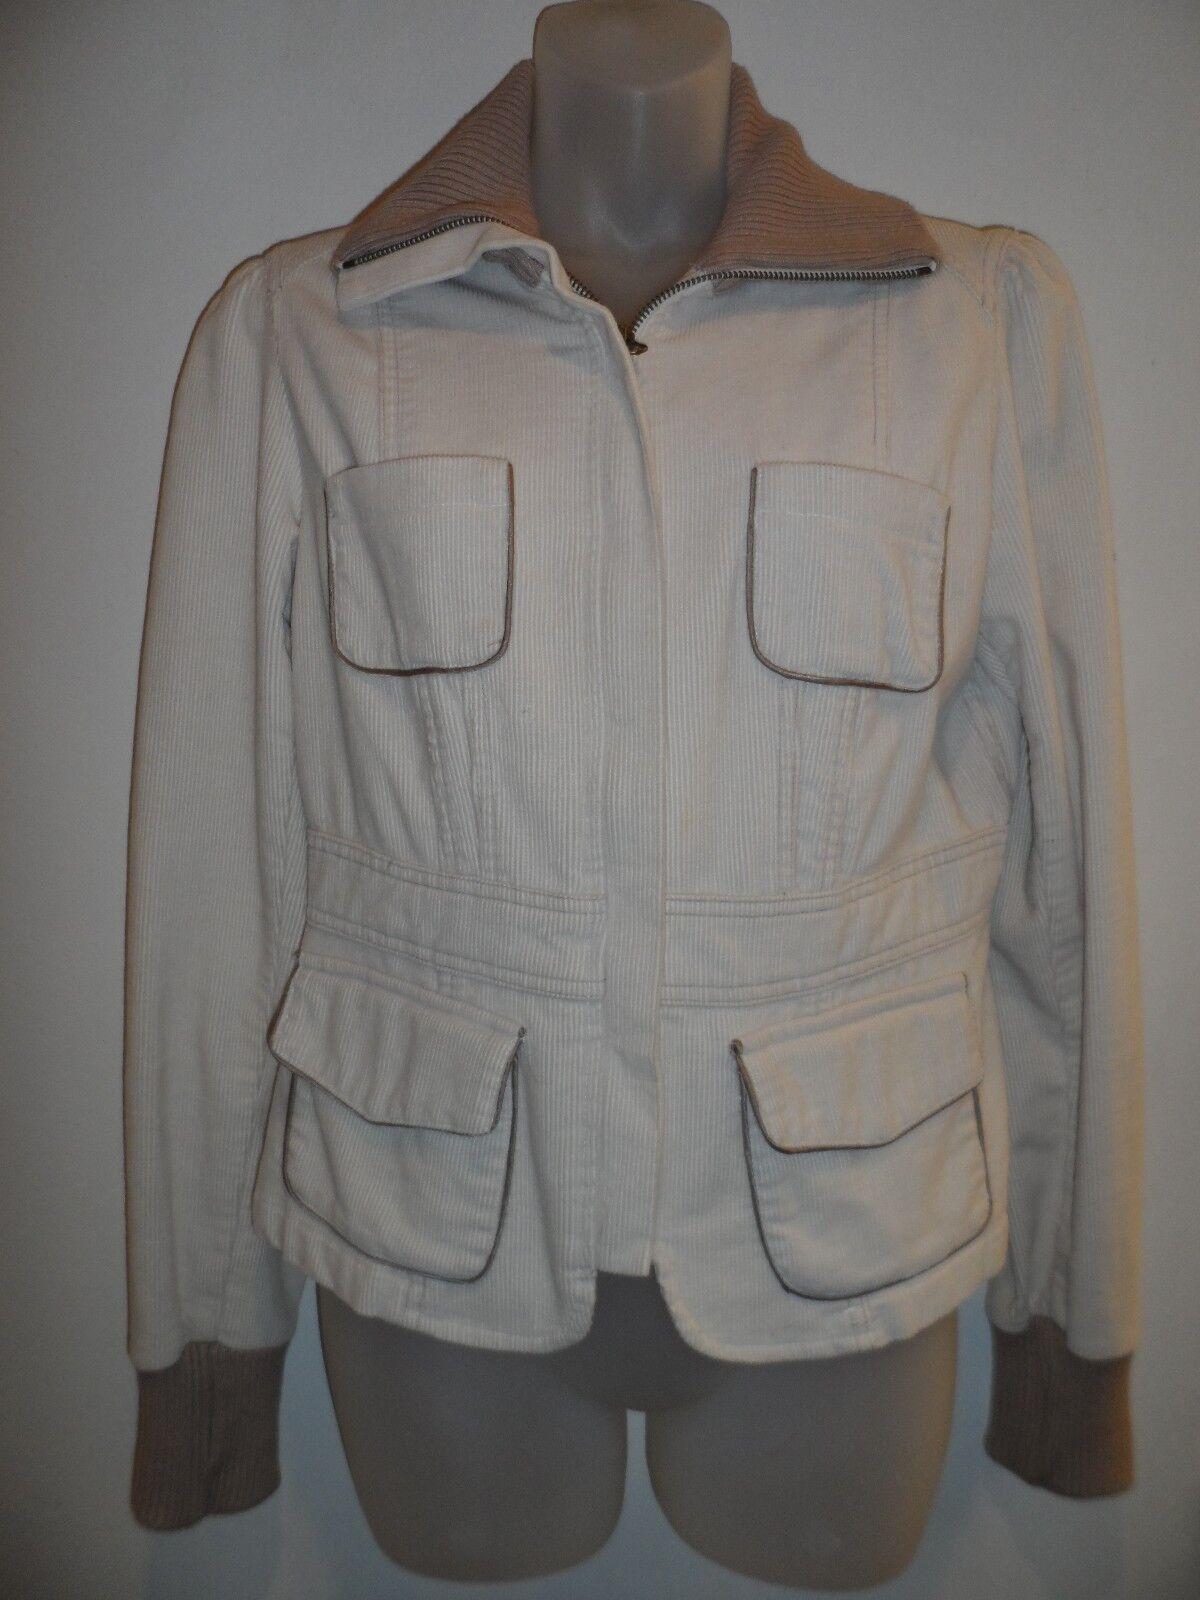 bebe 10 Corduroy Jacket Beige Ivory Nude Biker Military Chic Zip Up Winter